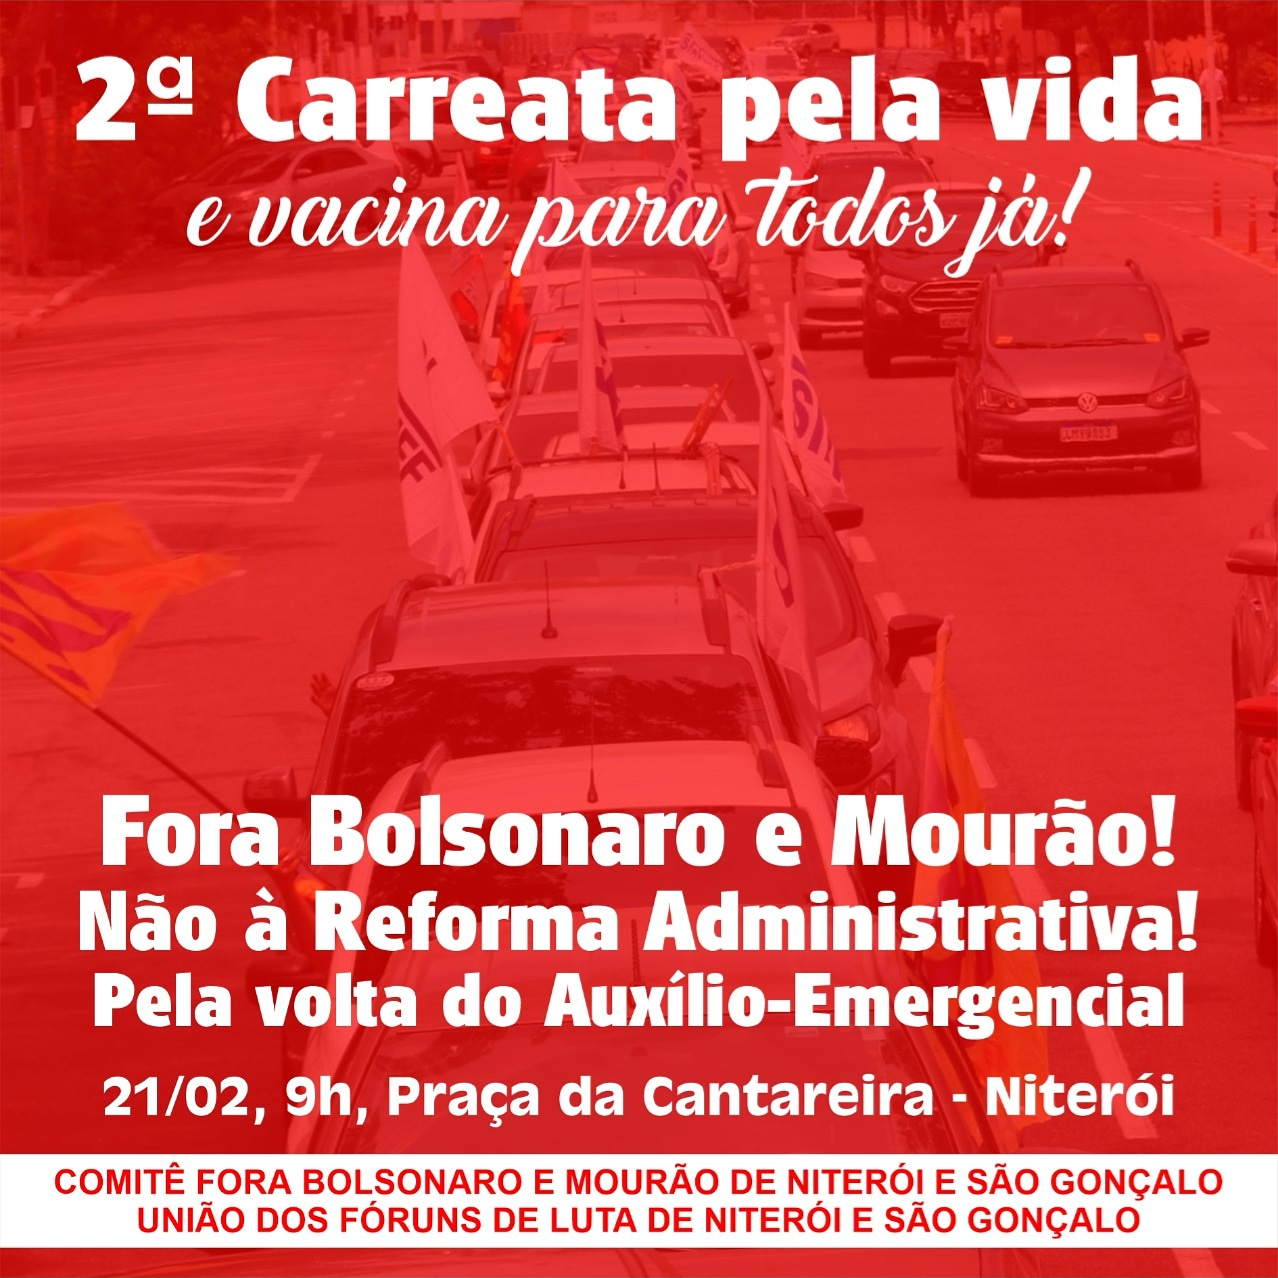 Niterói faz carreata neste domingo (21) por vacinação já, fim da reforma administrativa e 'Fora Bolsonaro/Mourão'